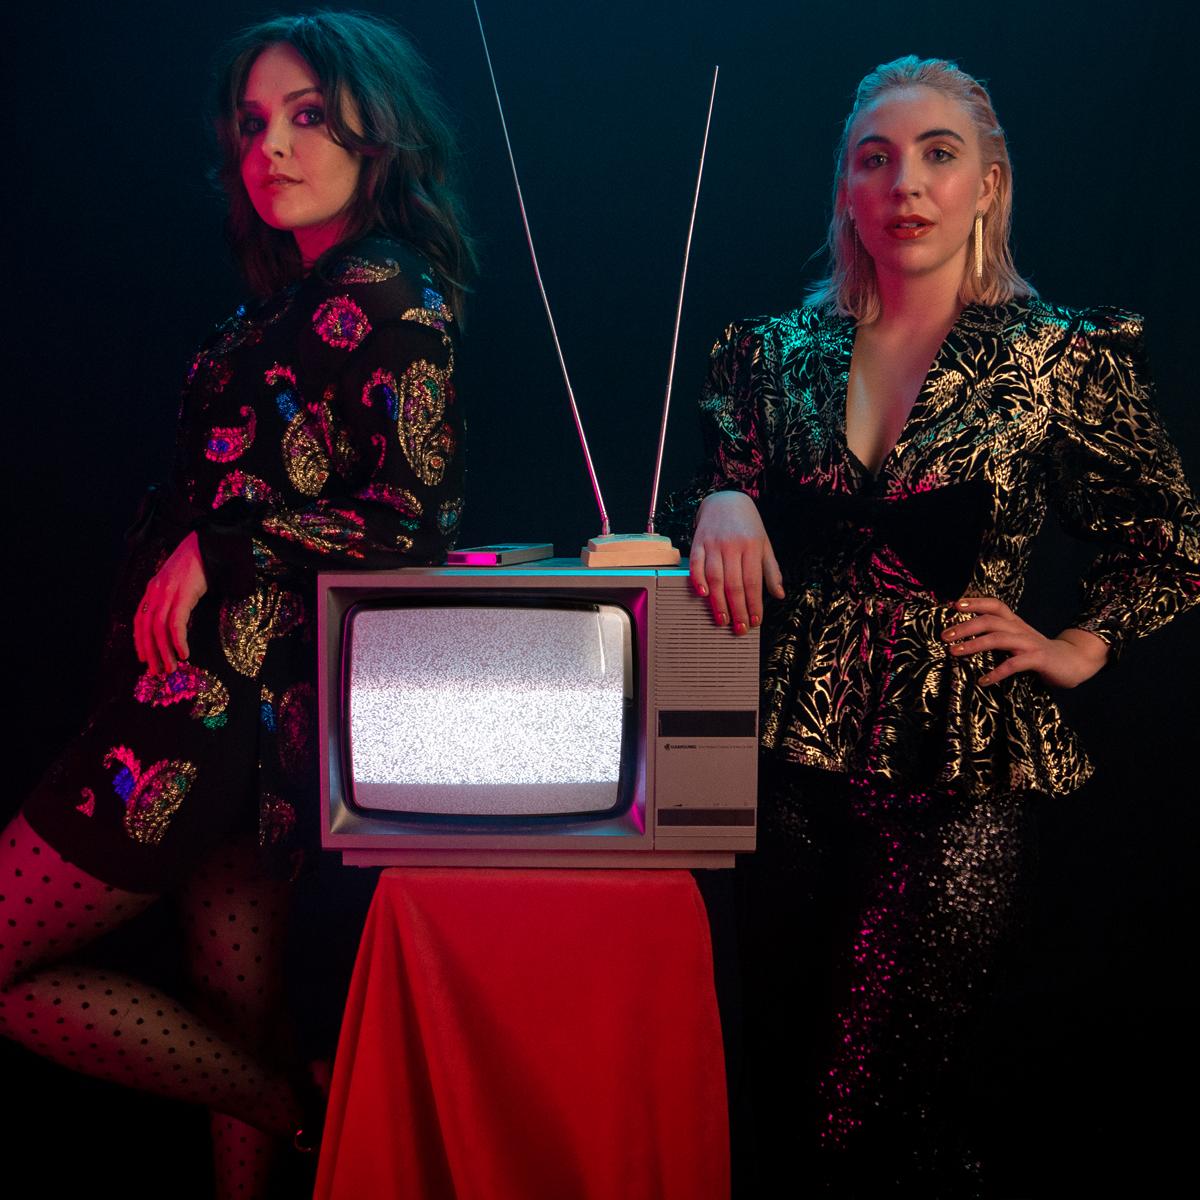 Saint Sister beside a Karaoke TV